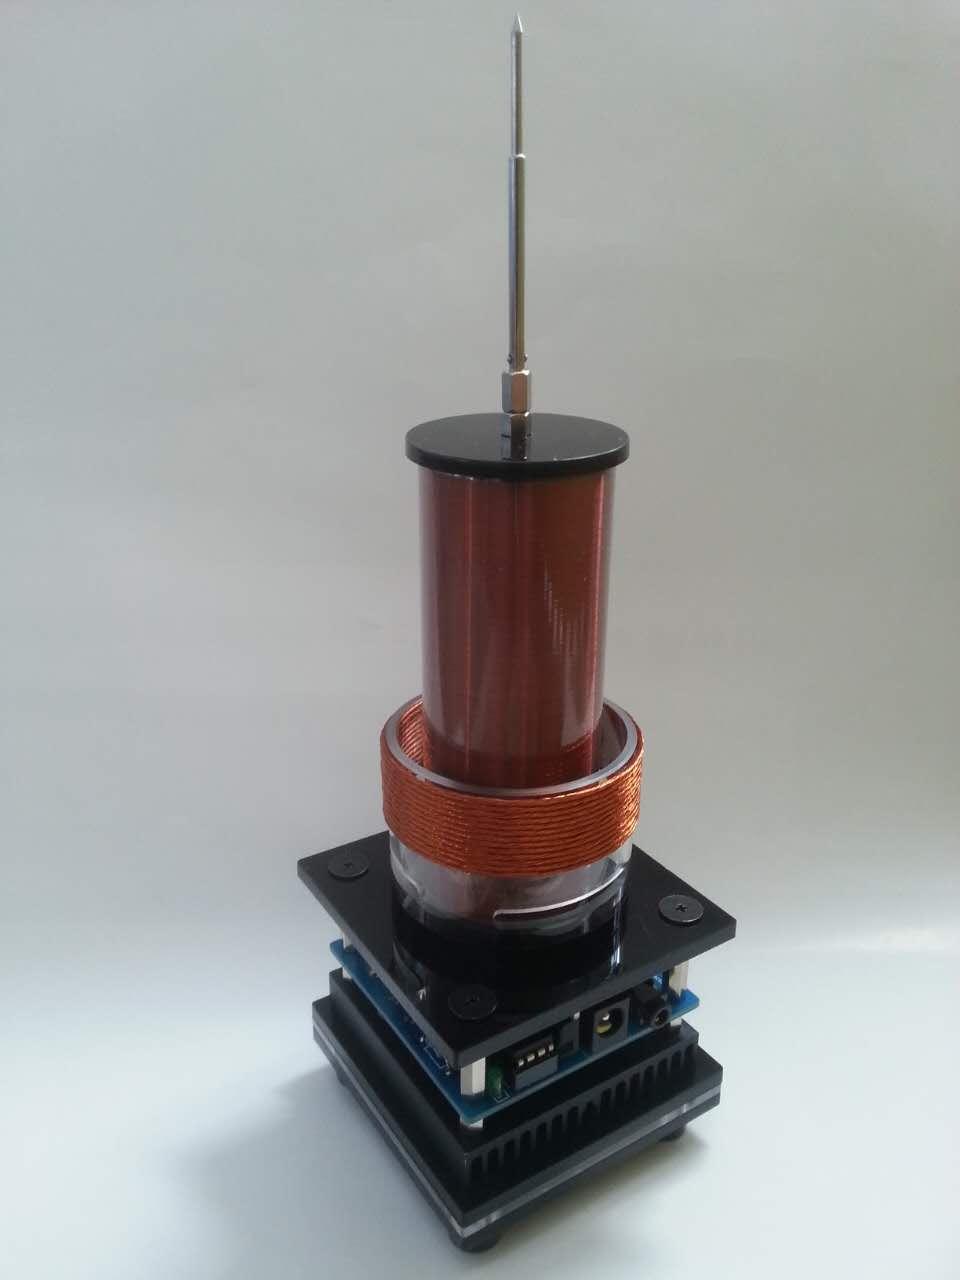 Musique Tesla bobine musique Tesla bobine Plasma haut-parleur - 2